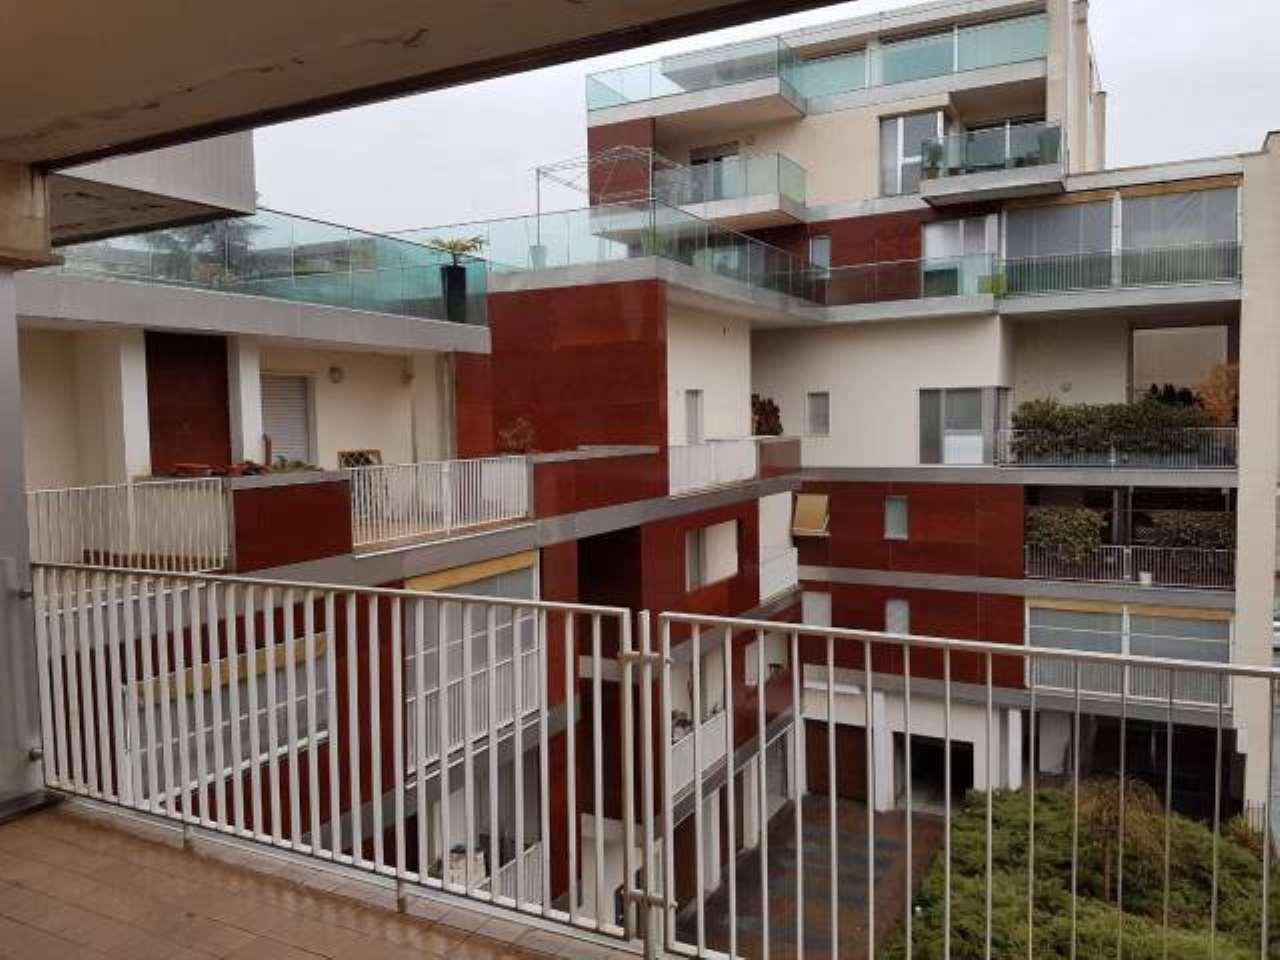 Appartamento in vendita a Torino, 4 locali, zona Lingotto, prezzo € 260.000   PortaleAgenzieImmobiliari.it